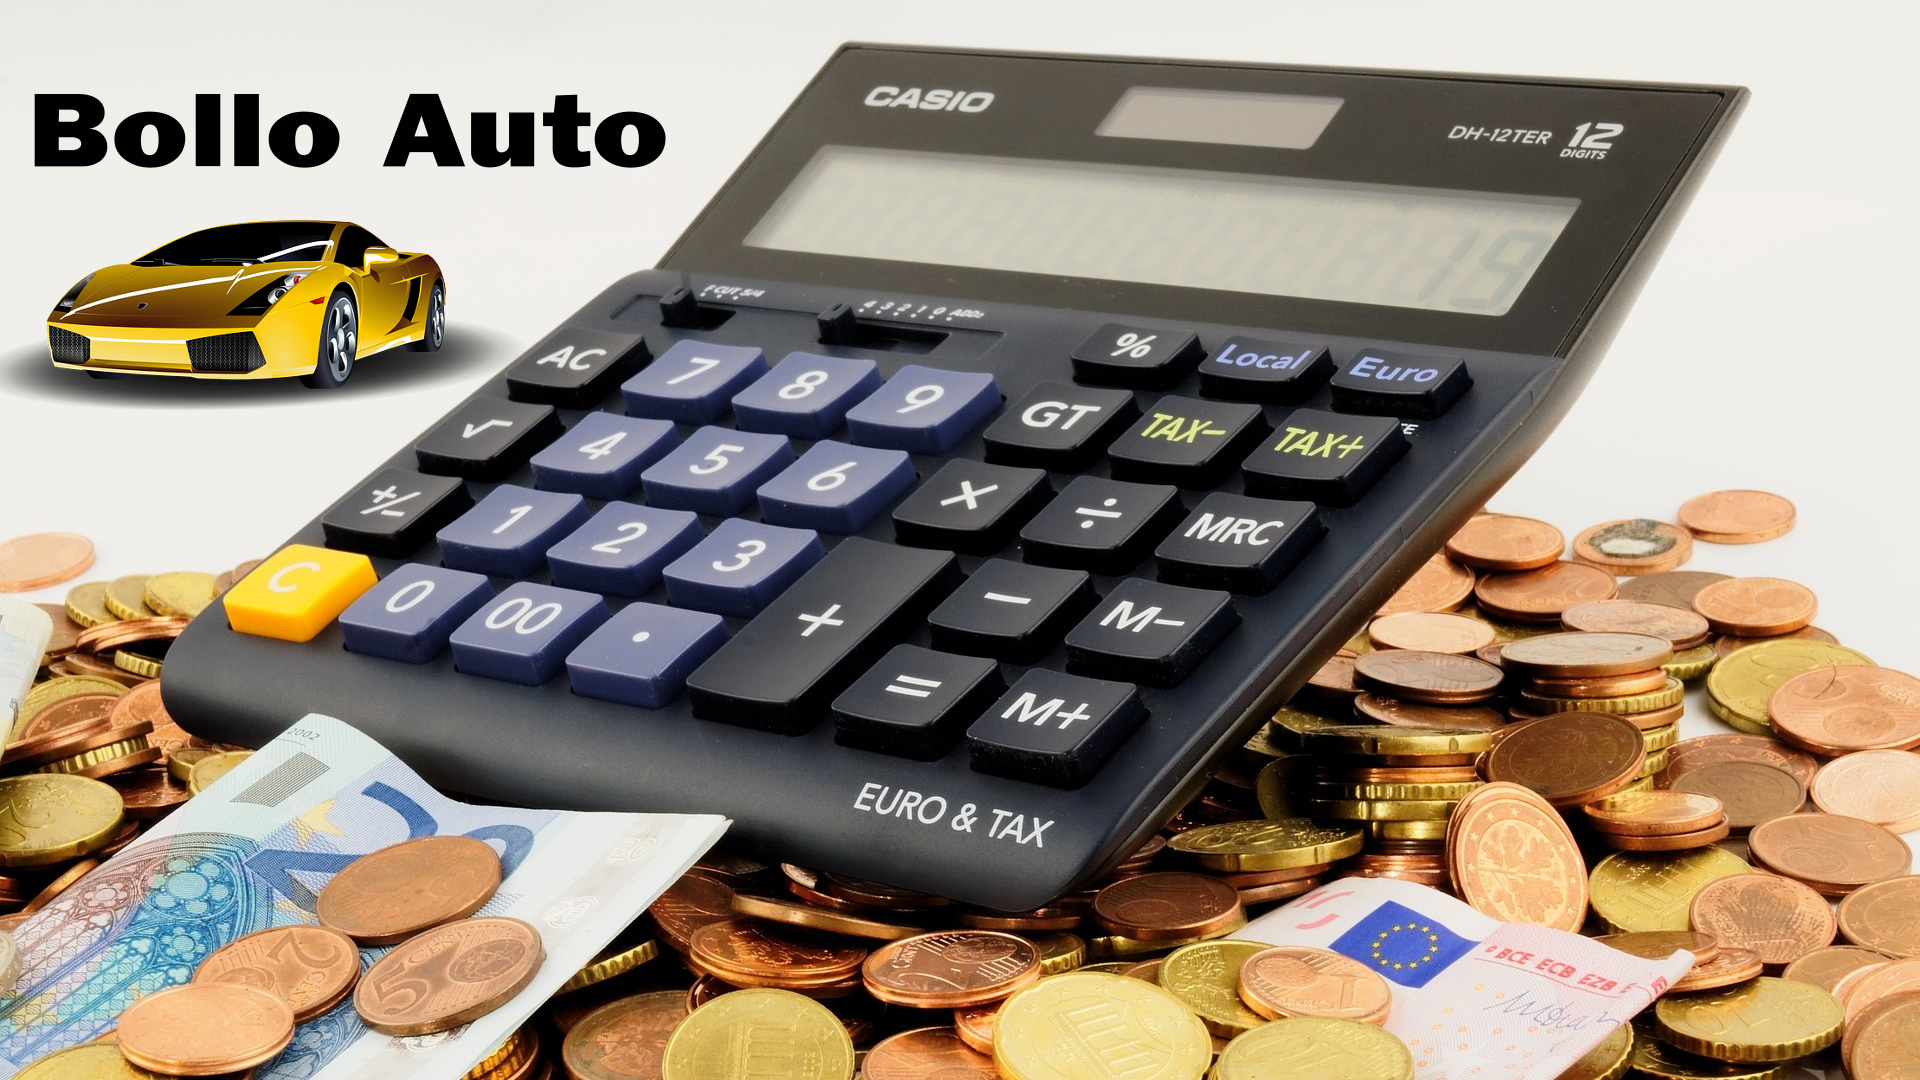 Bollo Auto: quando pagare e come vengono gestiti i controlli